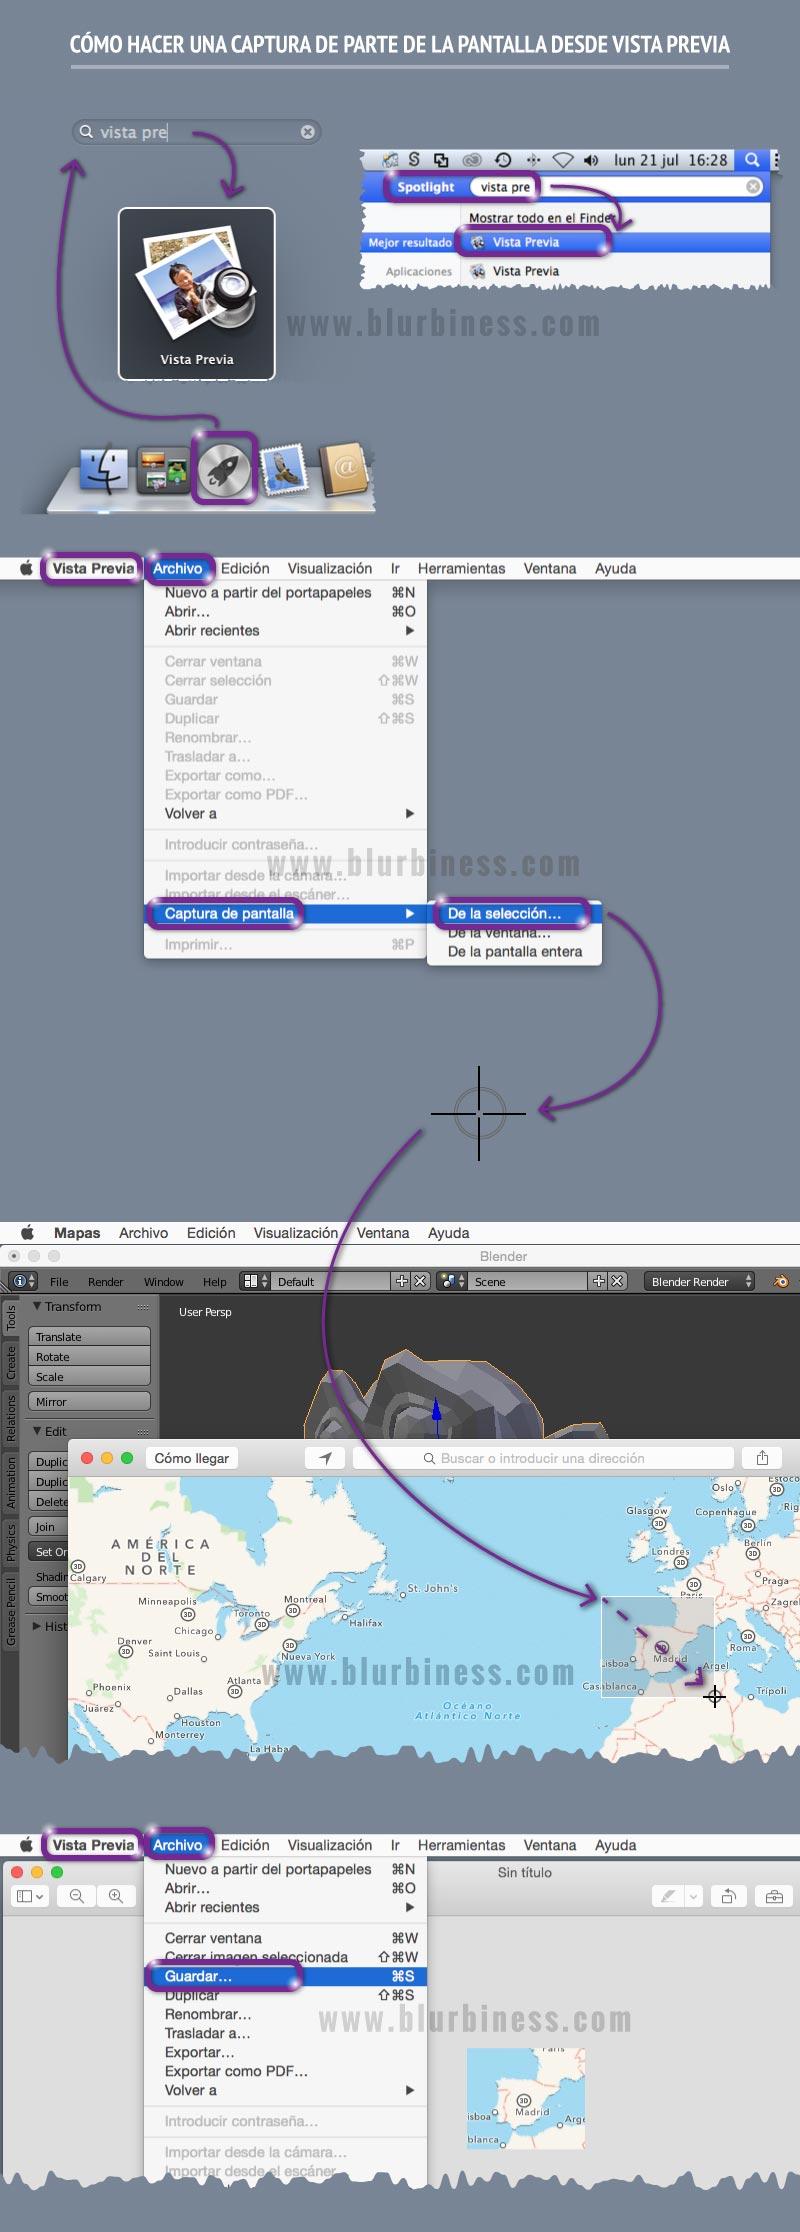 Cómo hacer una captura de parte de la pantalla desde Vista Previa en Mac